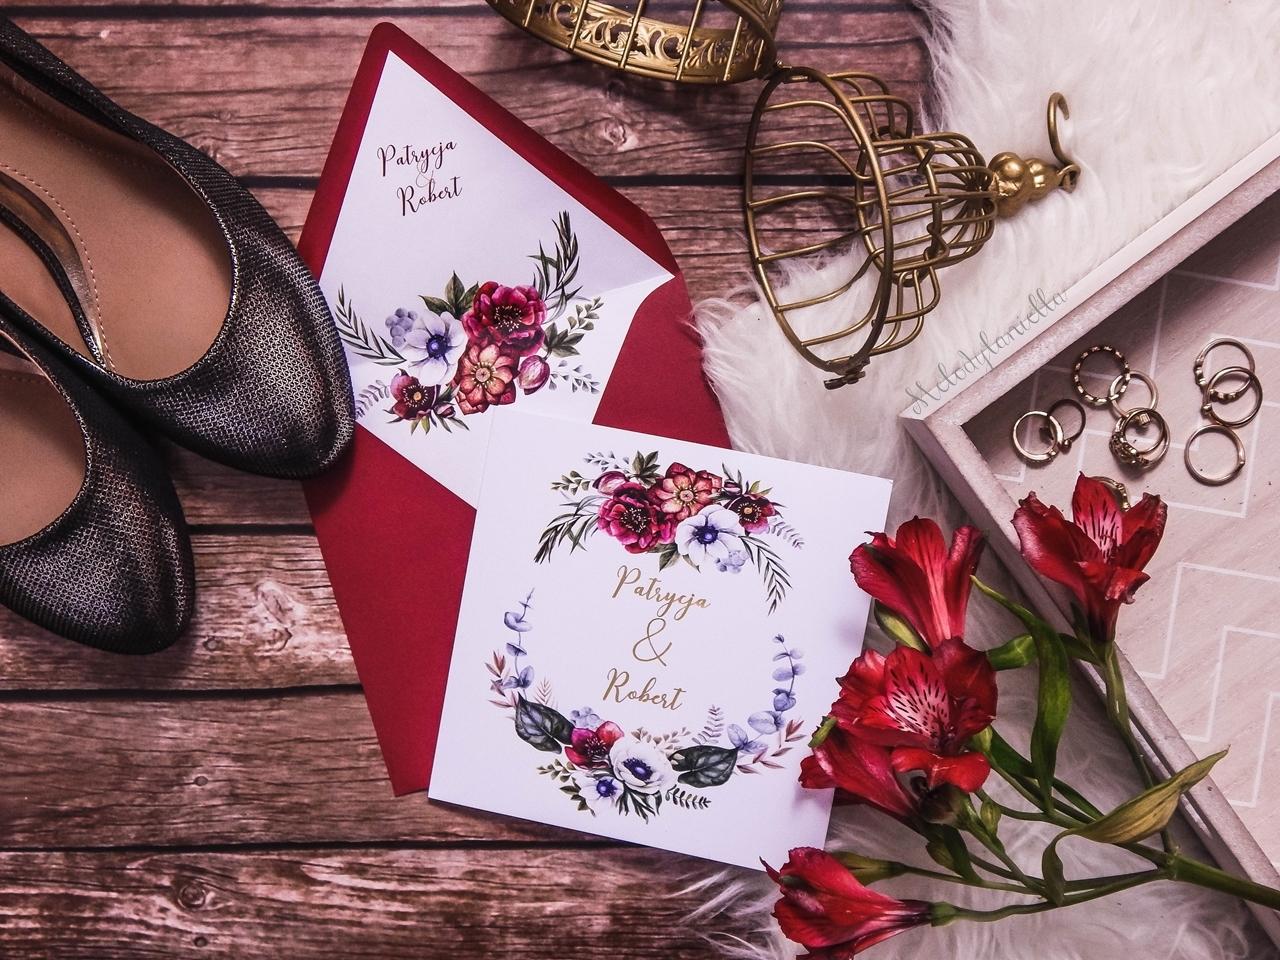 1 amelia wedding zaproszenie papeteria ślubna jak wybrać zaproszenia na ślub i wesele pomysły na motyw wesela ślubu opinie recenzje ładne zaproszenia boho klasyczne nietypowe zaproszenia w pudełku kolorowe